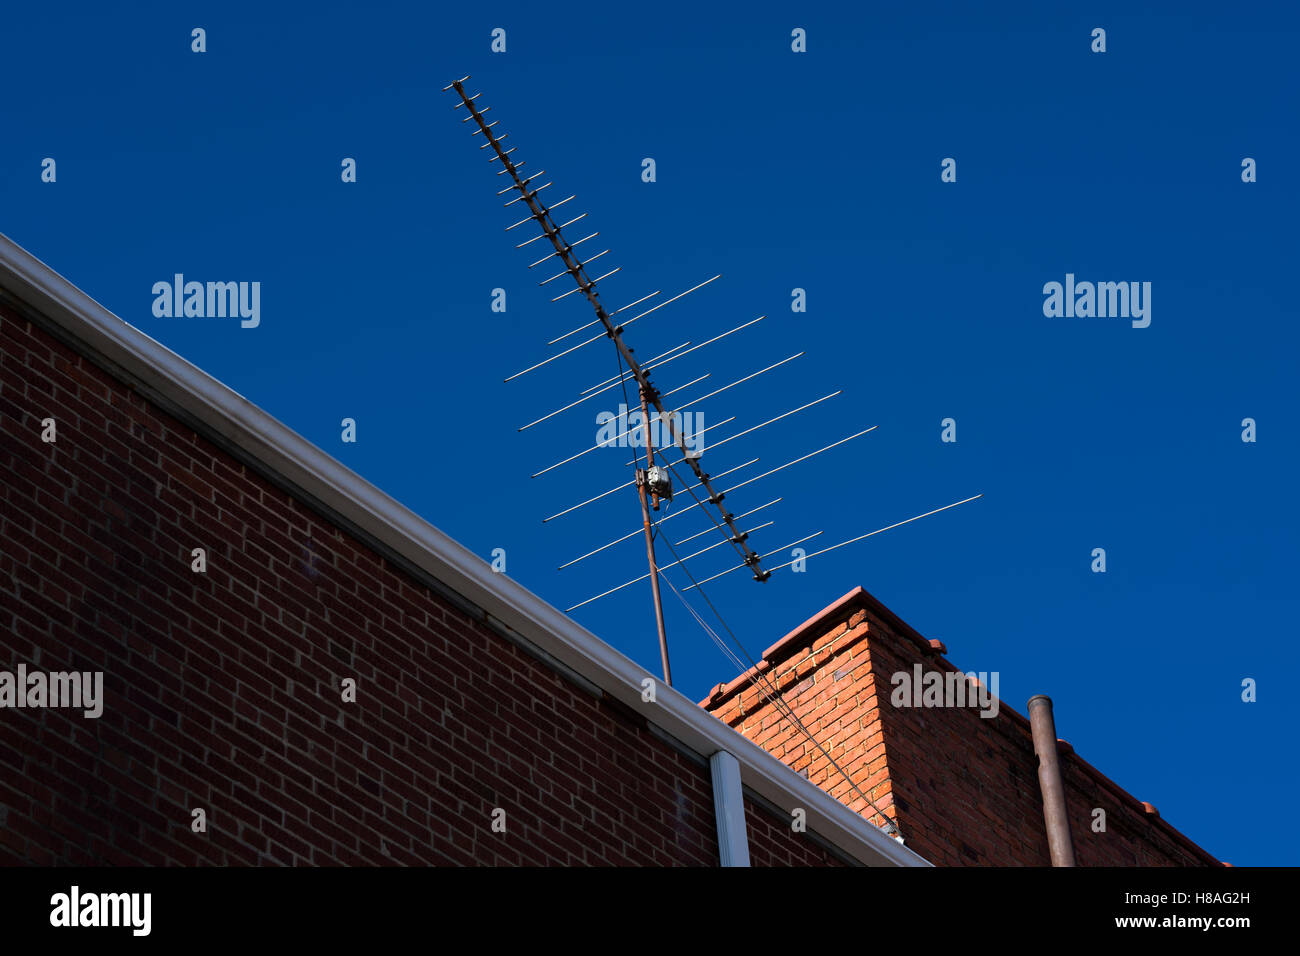 Antiguas no HD antena de televisión analógica en el tejado Foto de stock